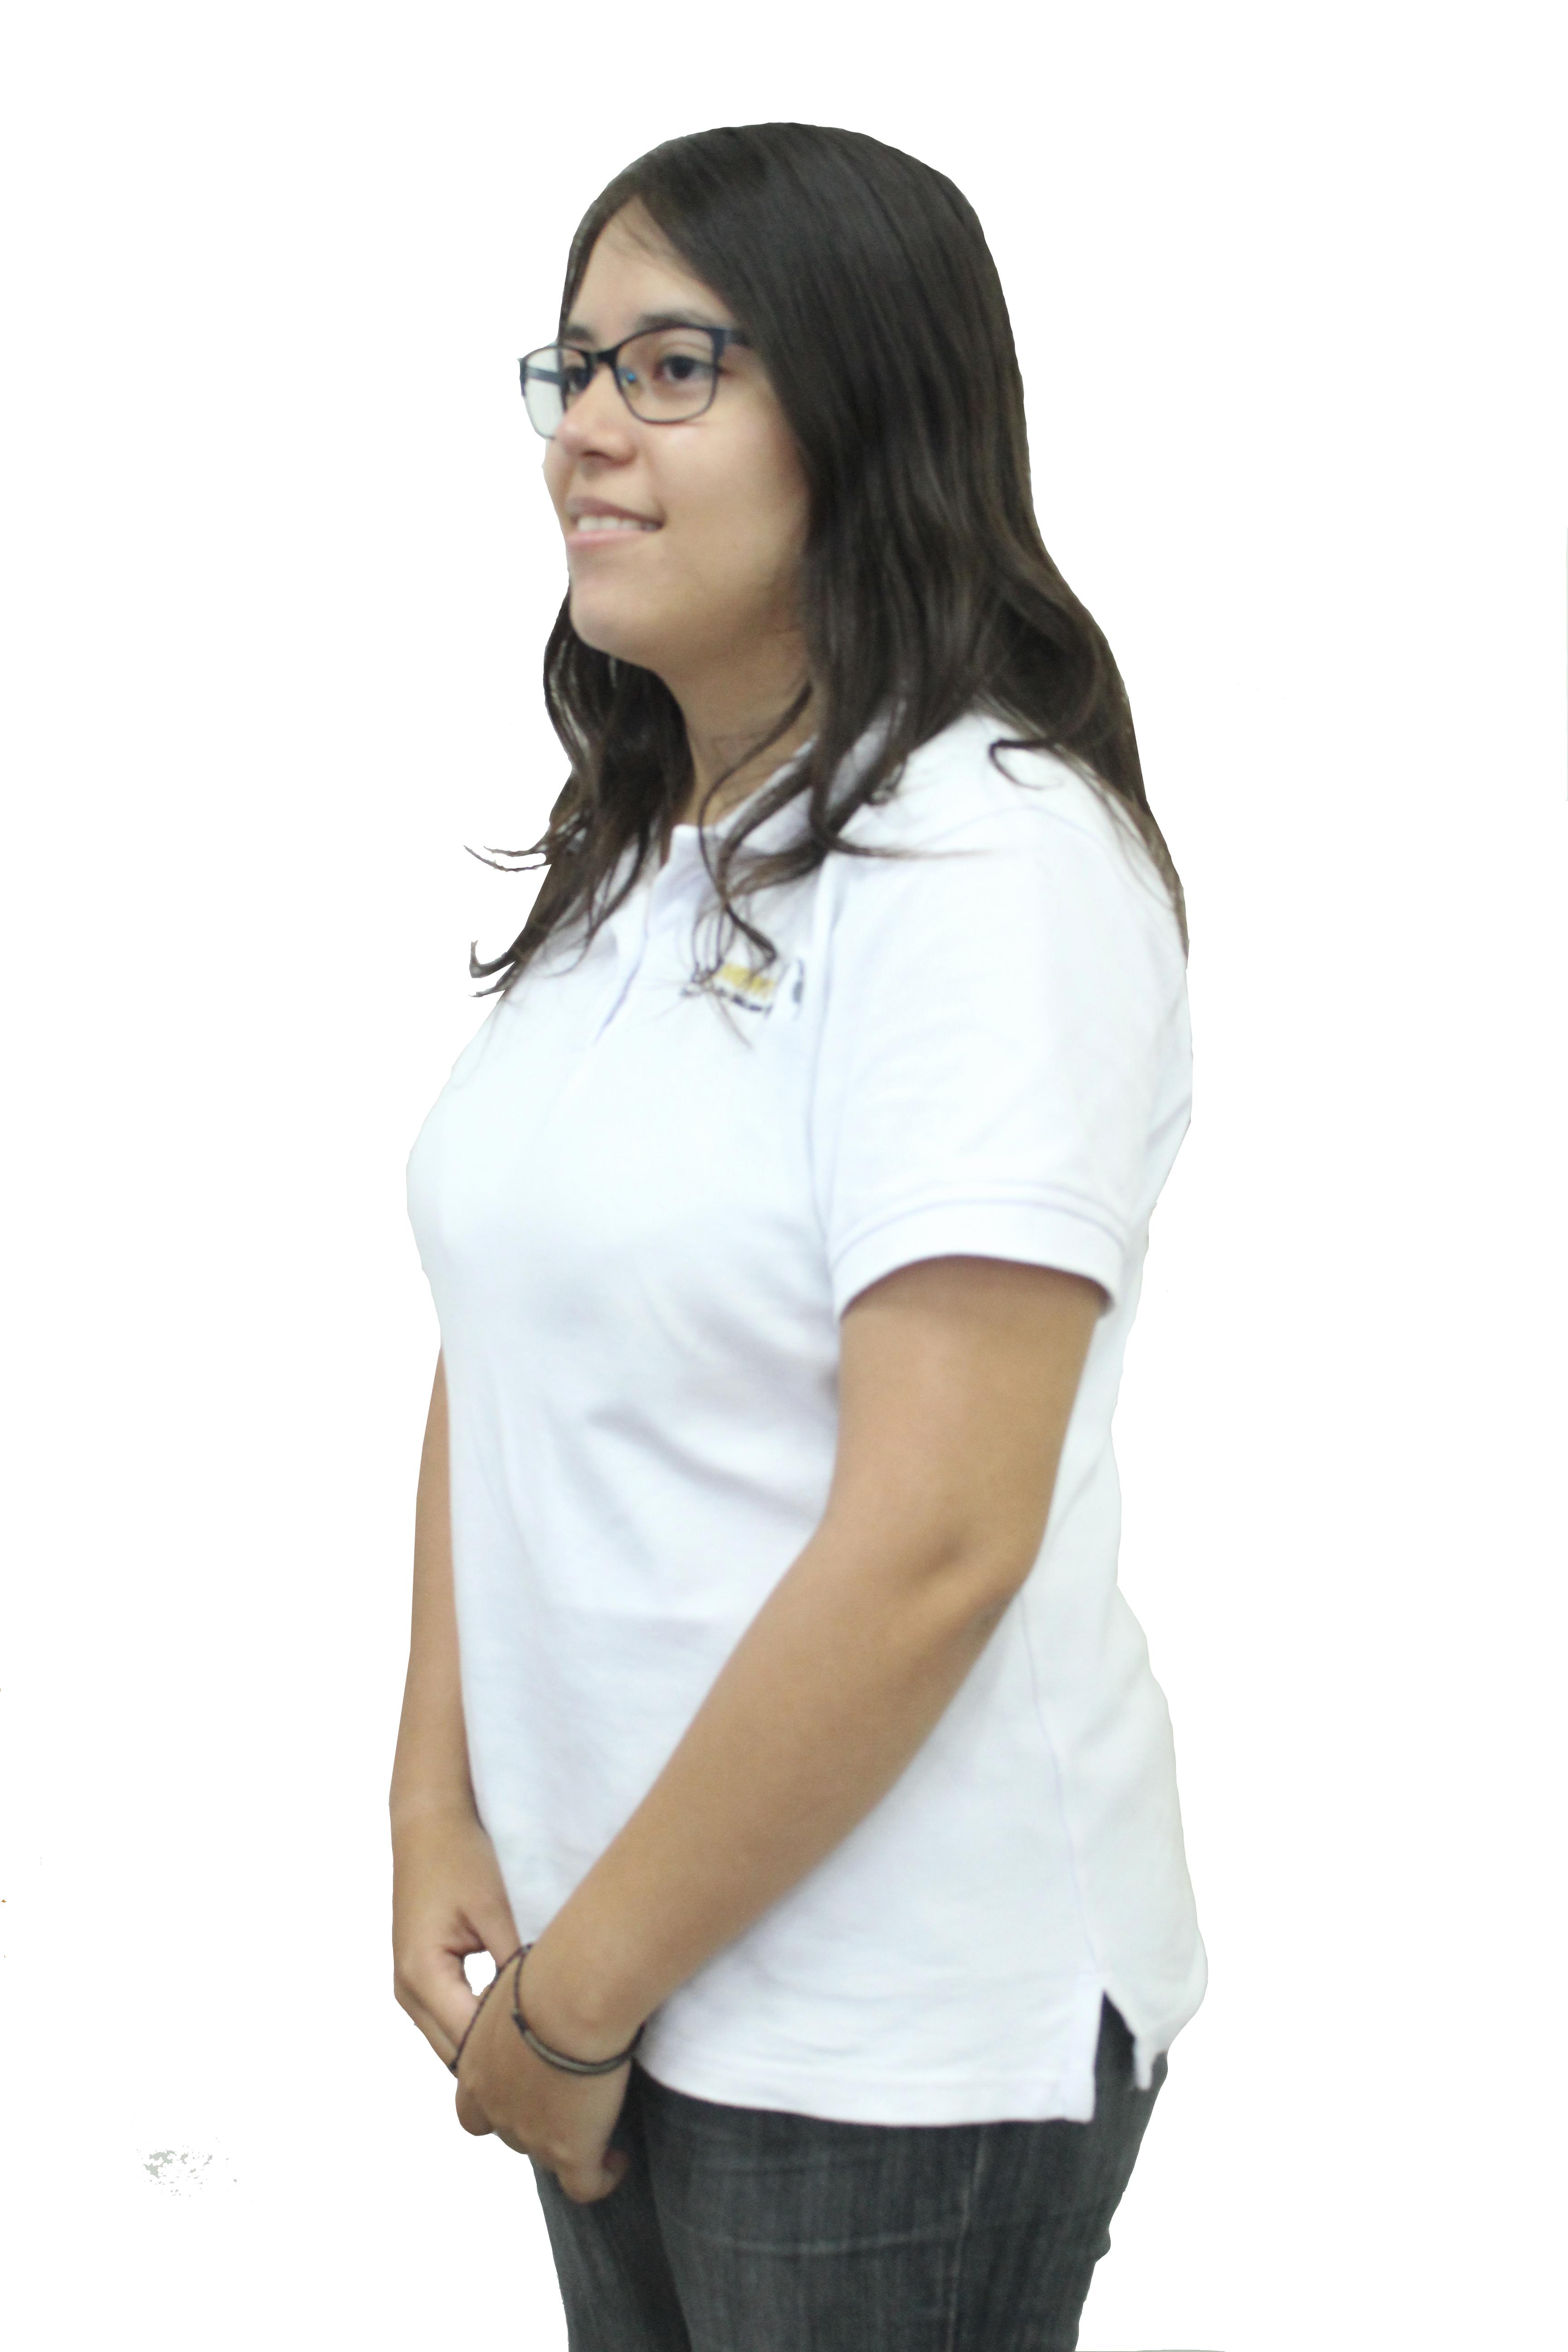 María José Meléndez